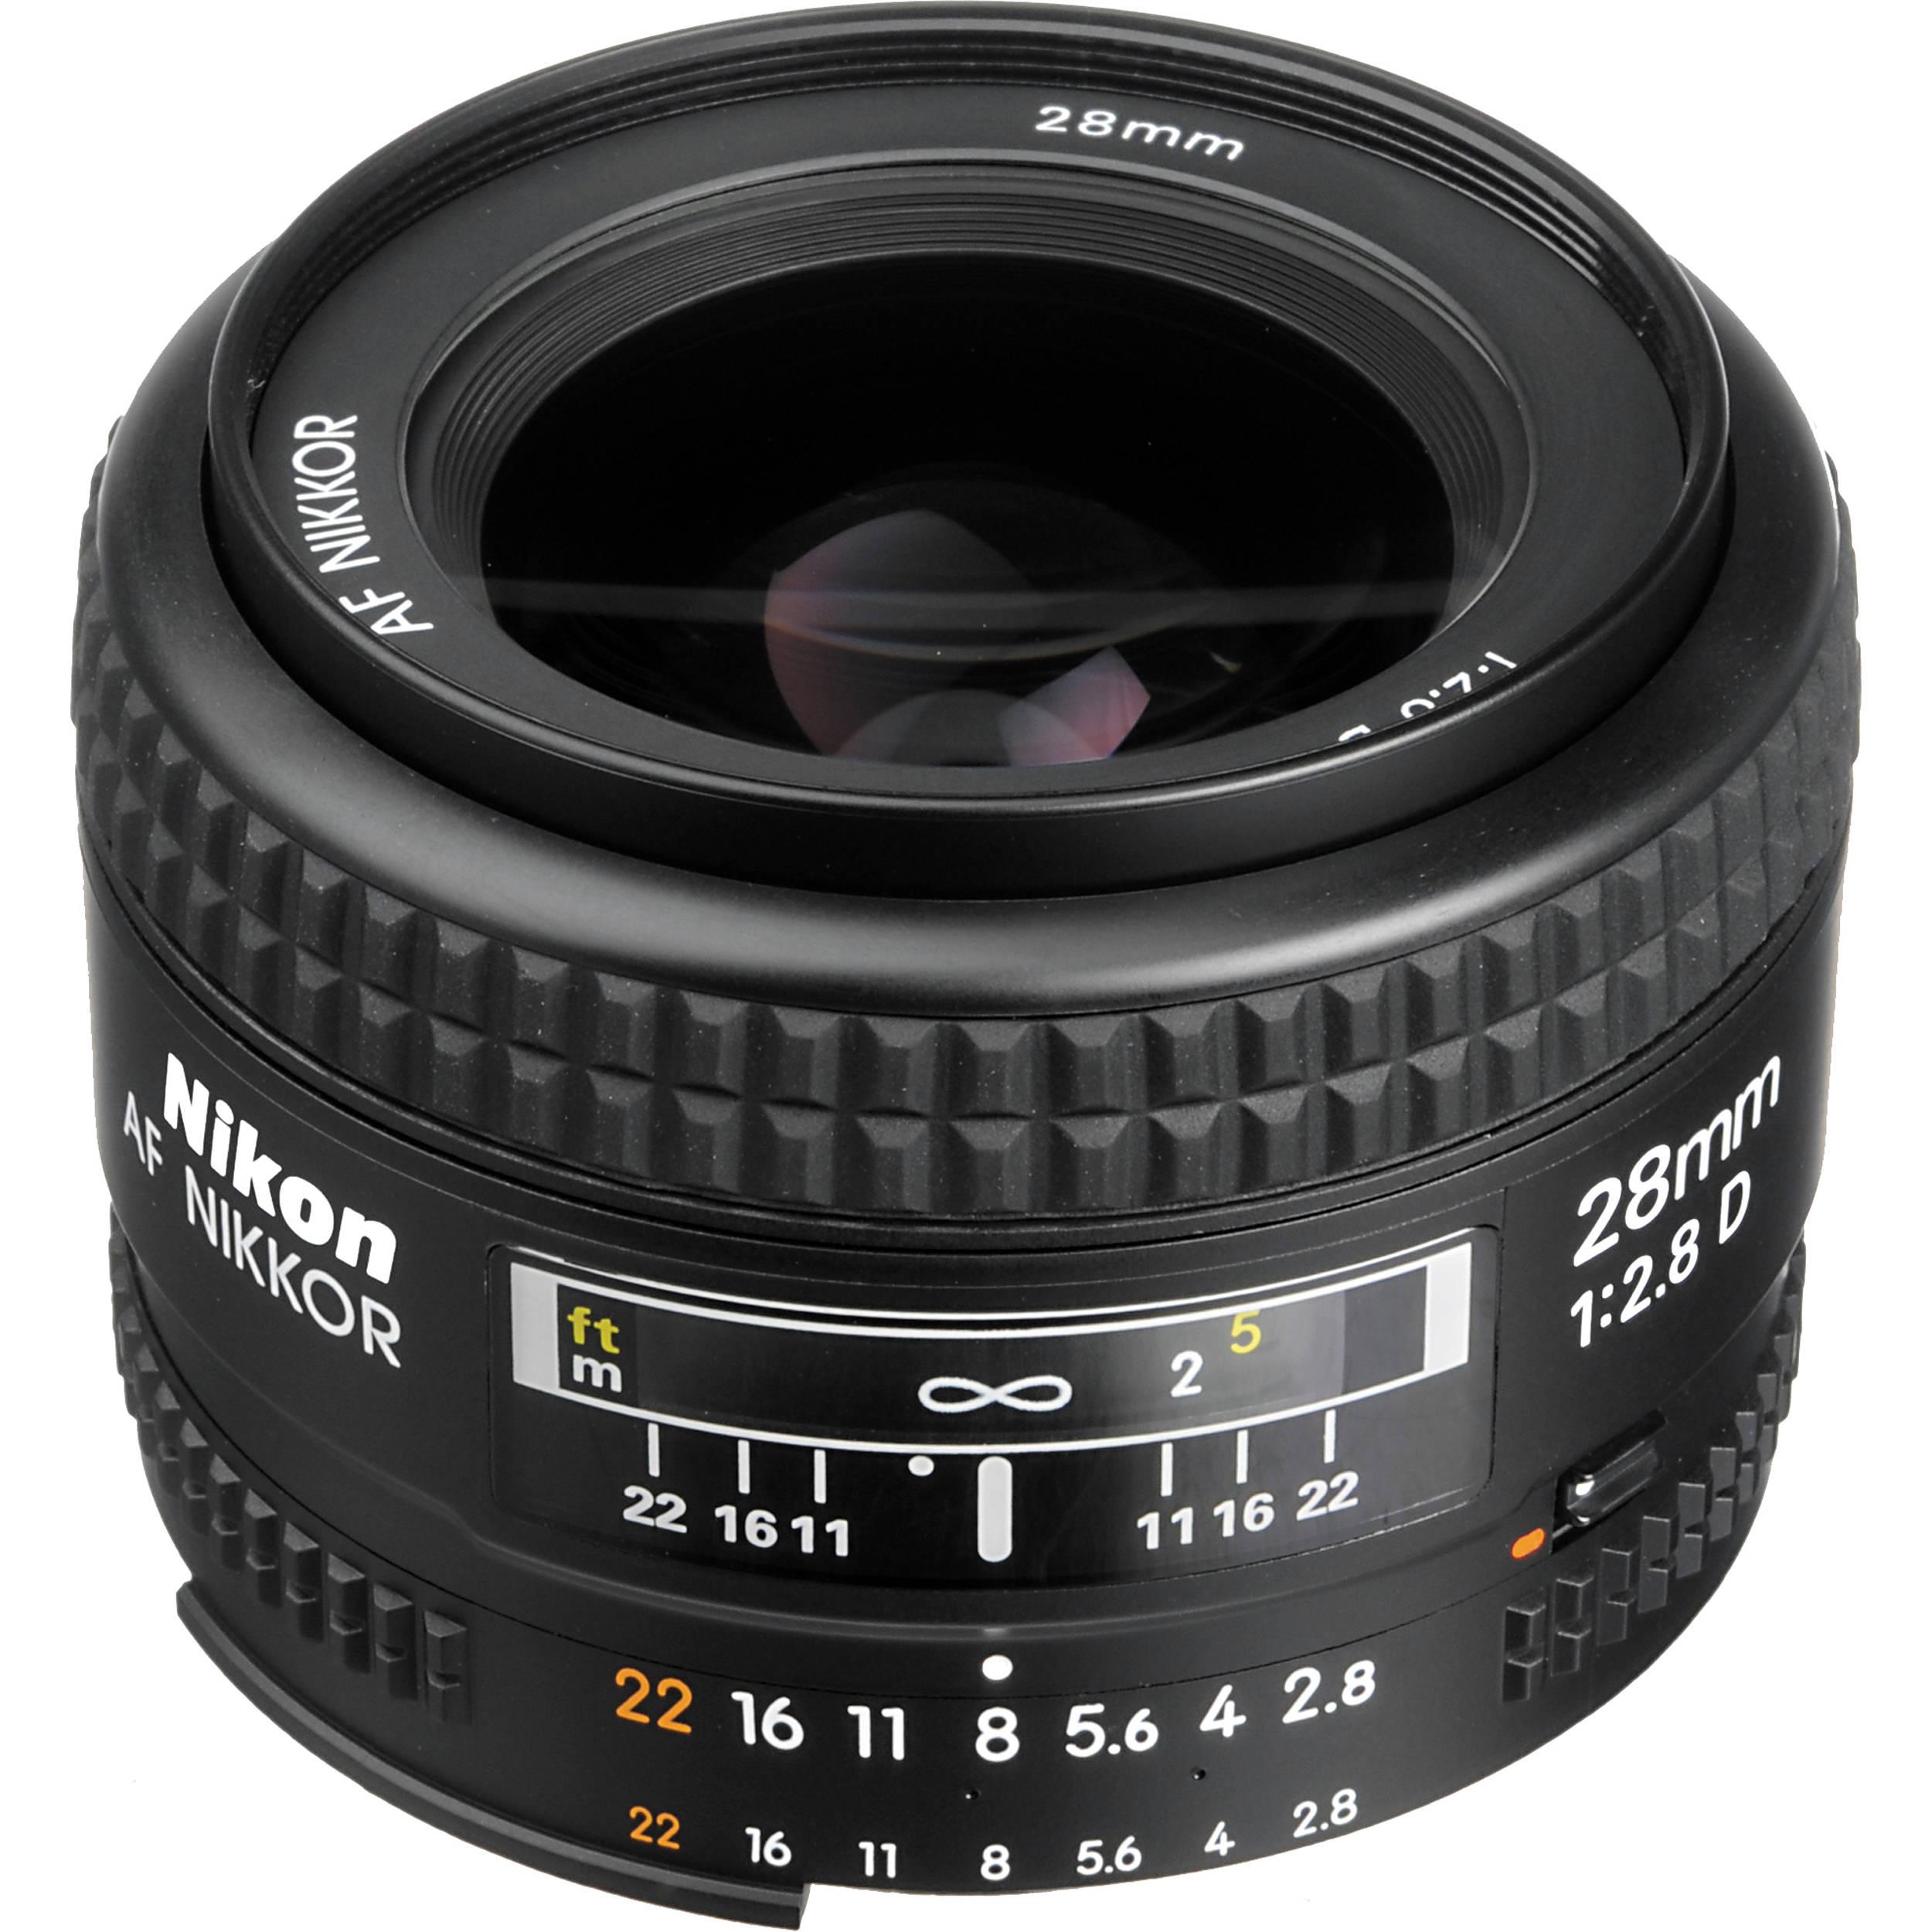 nikon af 28mm f 2.8 d lens review